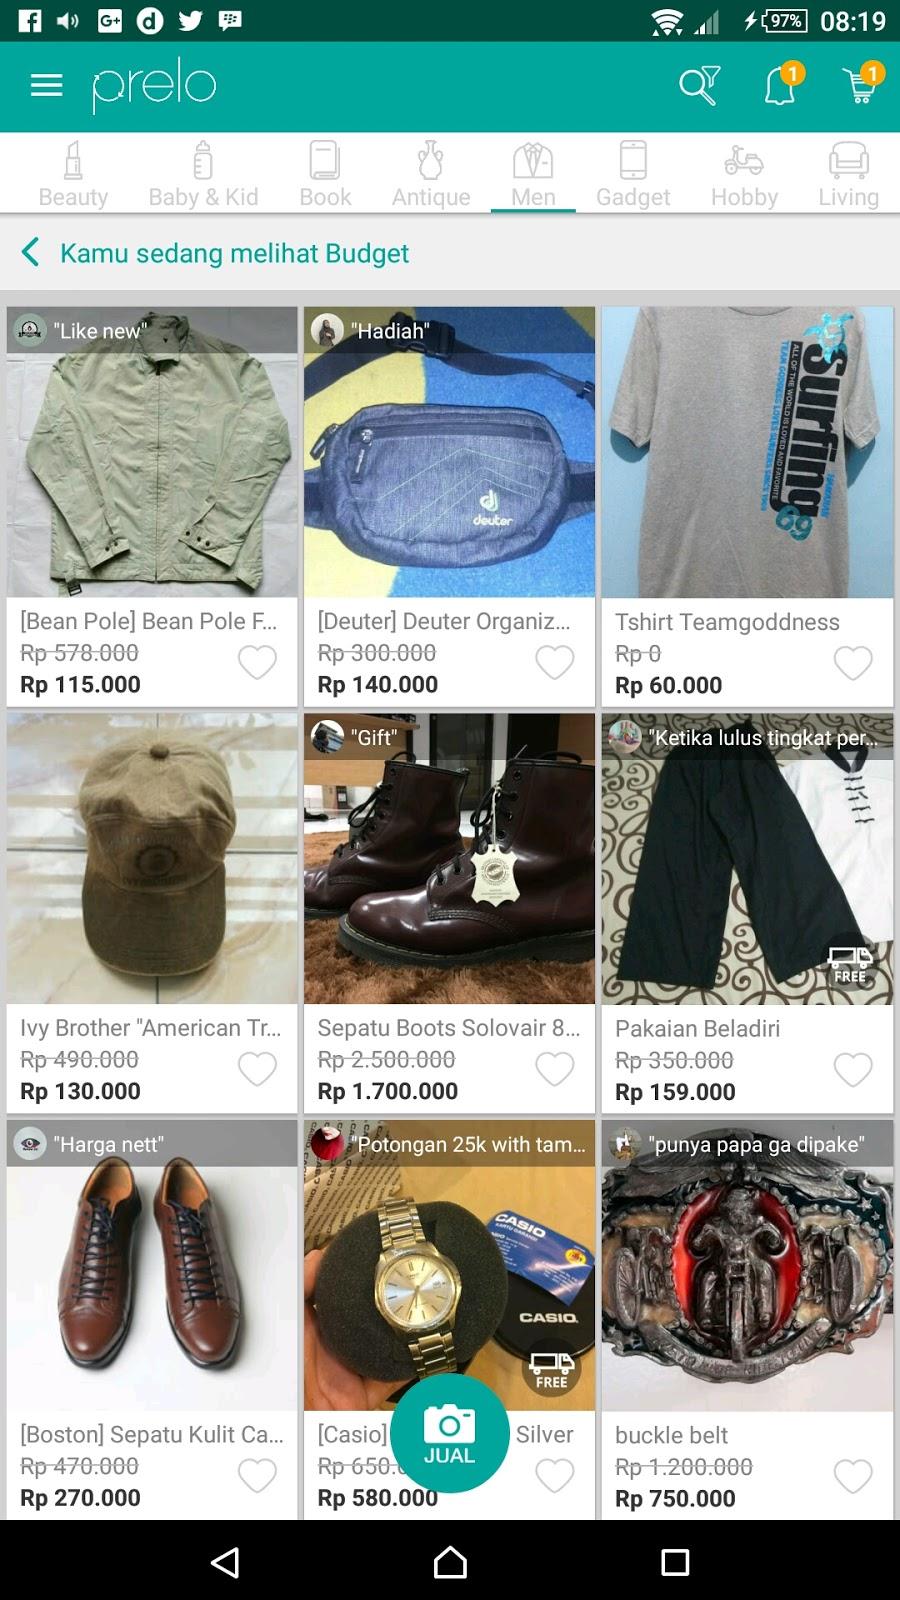 Mudahnya Menjual Barang Bekas di Prelo! - blog mas hendra 3bbe63d8d1